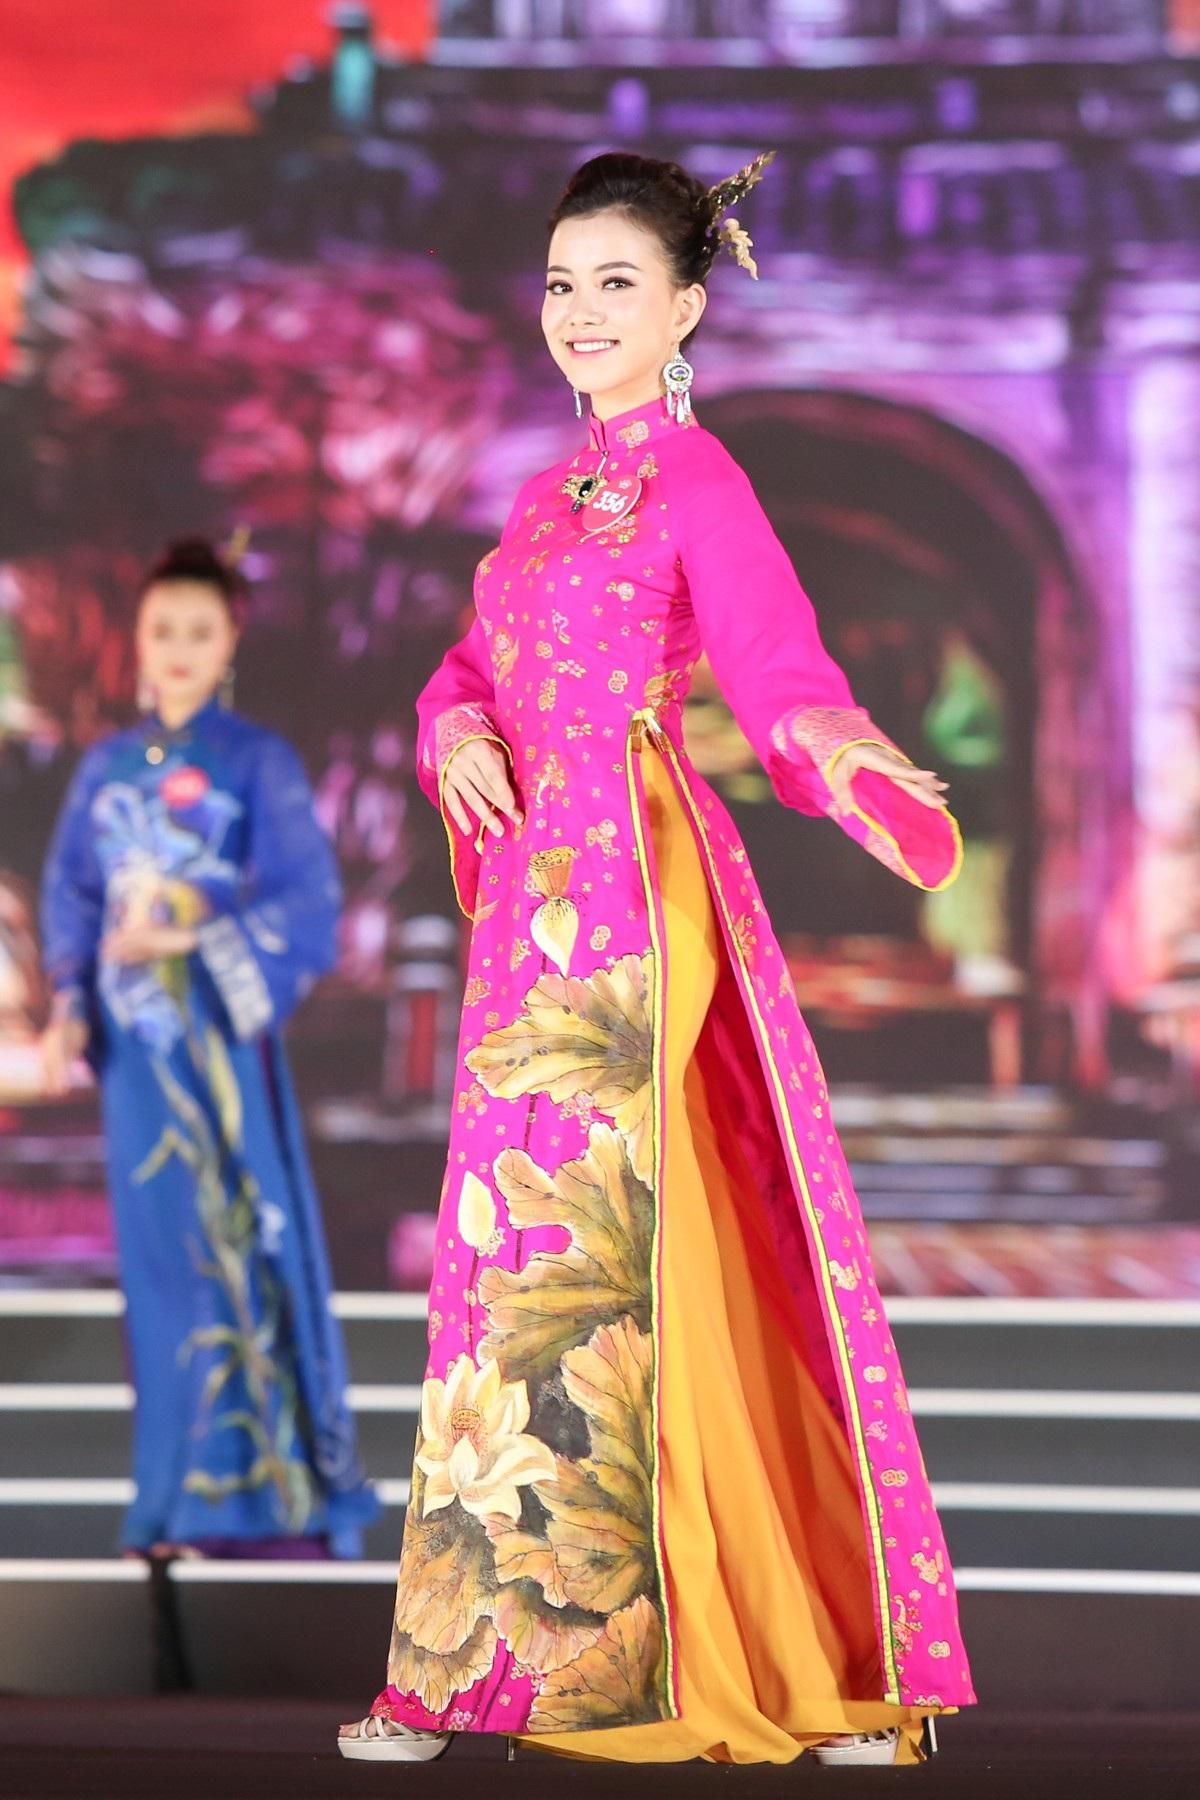 """Hoa hậu Bùi Bích Phương diện đầm trễ ngực, """"át"""" cả sự gợi cảm của đàn em - Ảnh 10."""